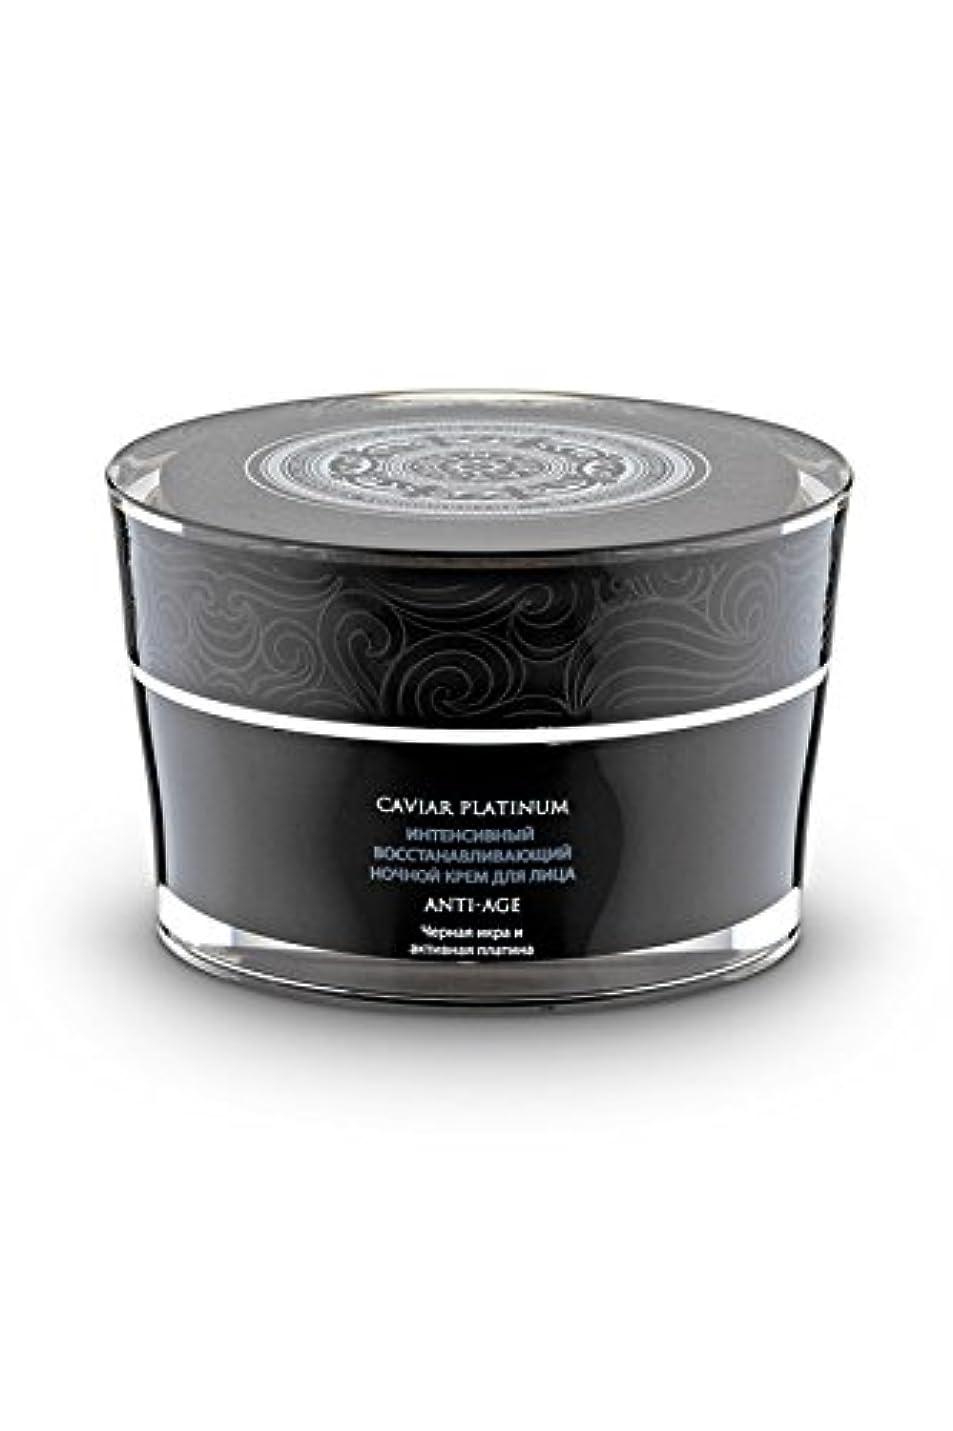 監査結果として前提条件ナチュラシベリカ キャビア プラチナ Caviar Platinum インセンティブ ナイトフェイスクリーム 50ml